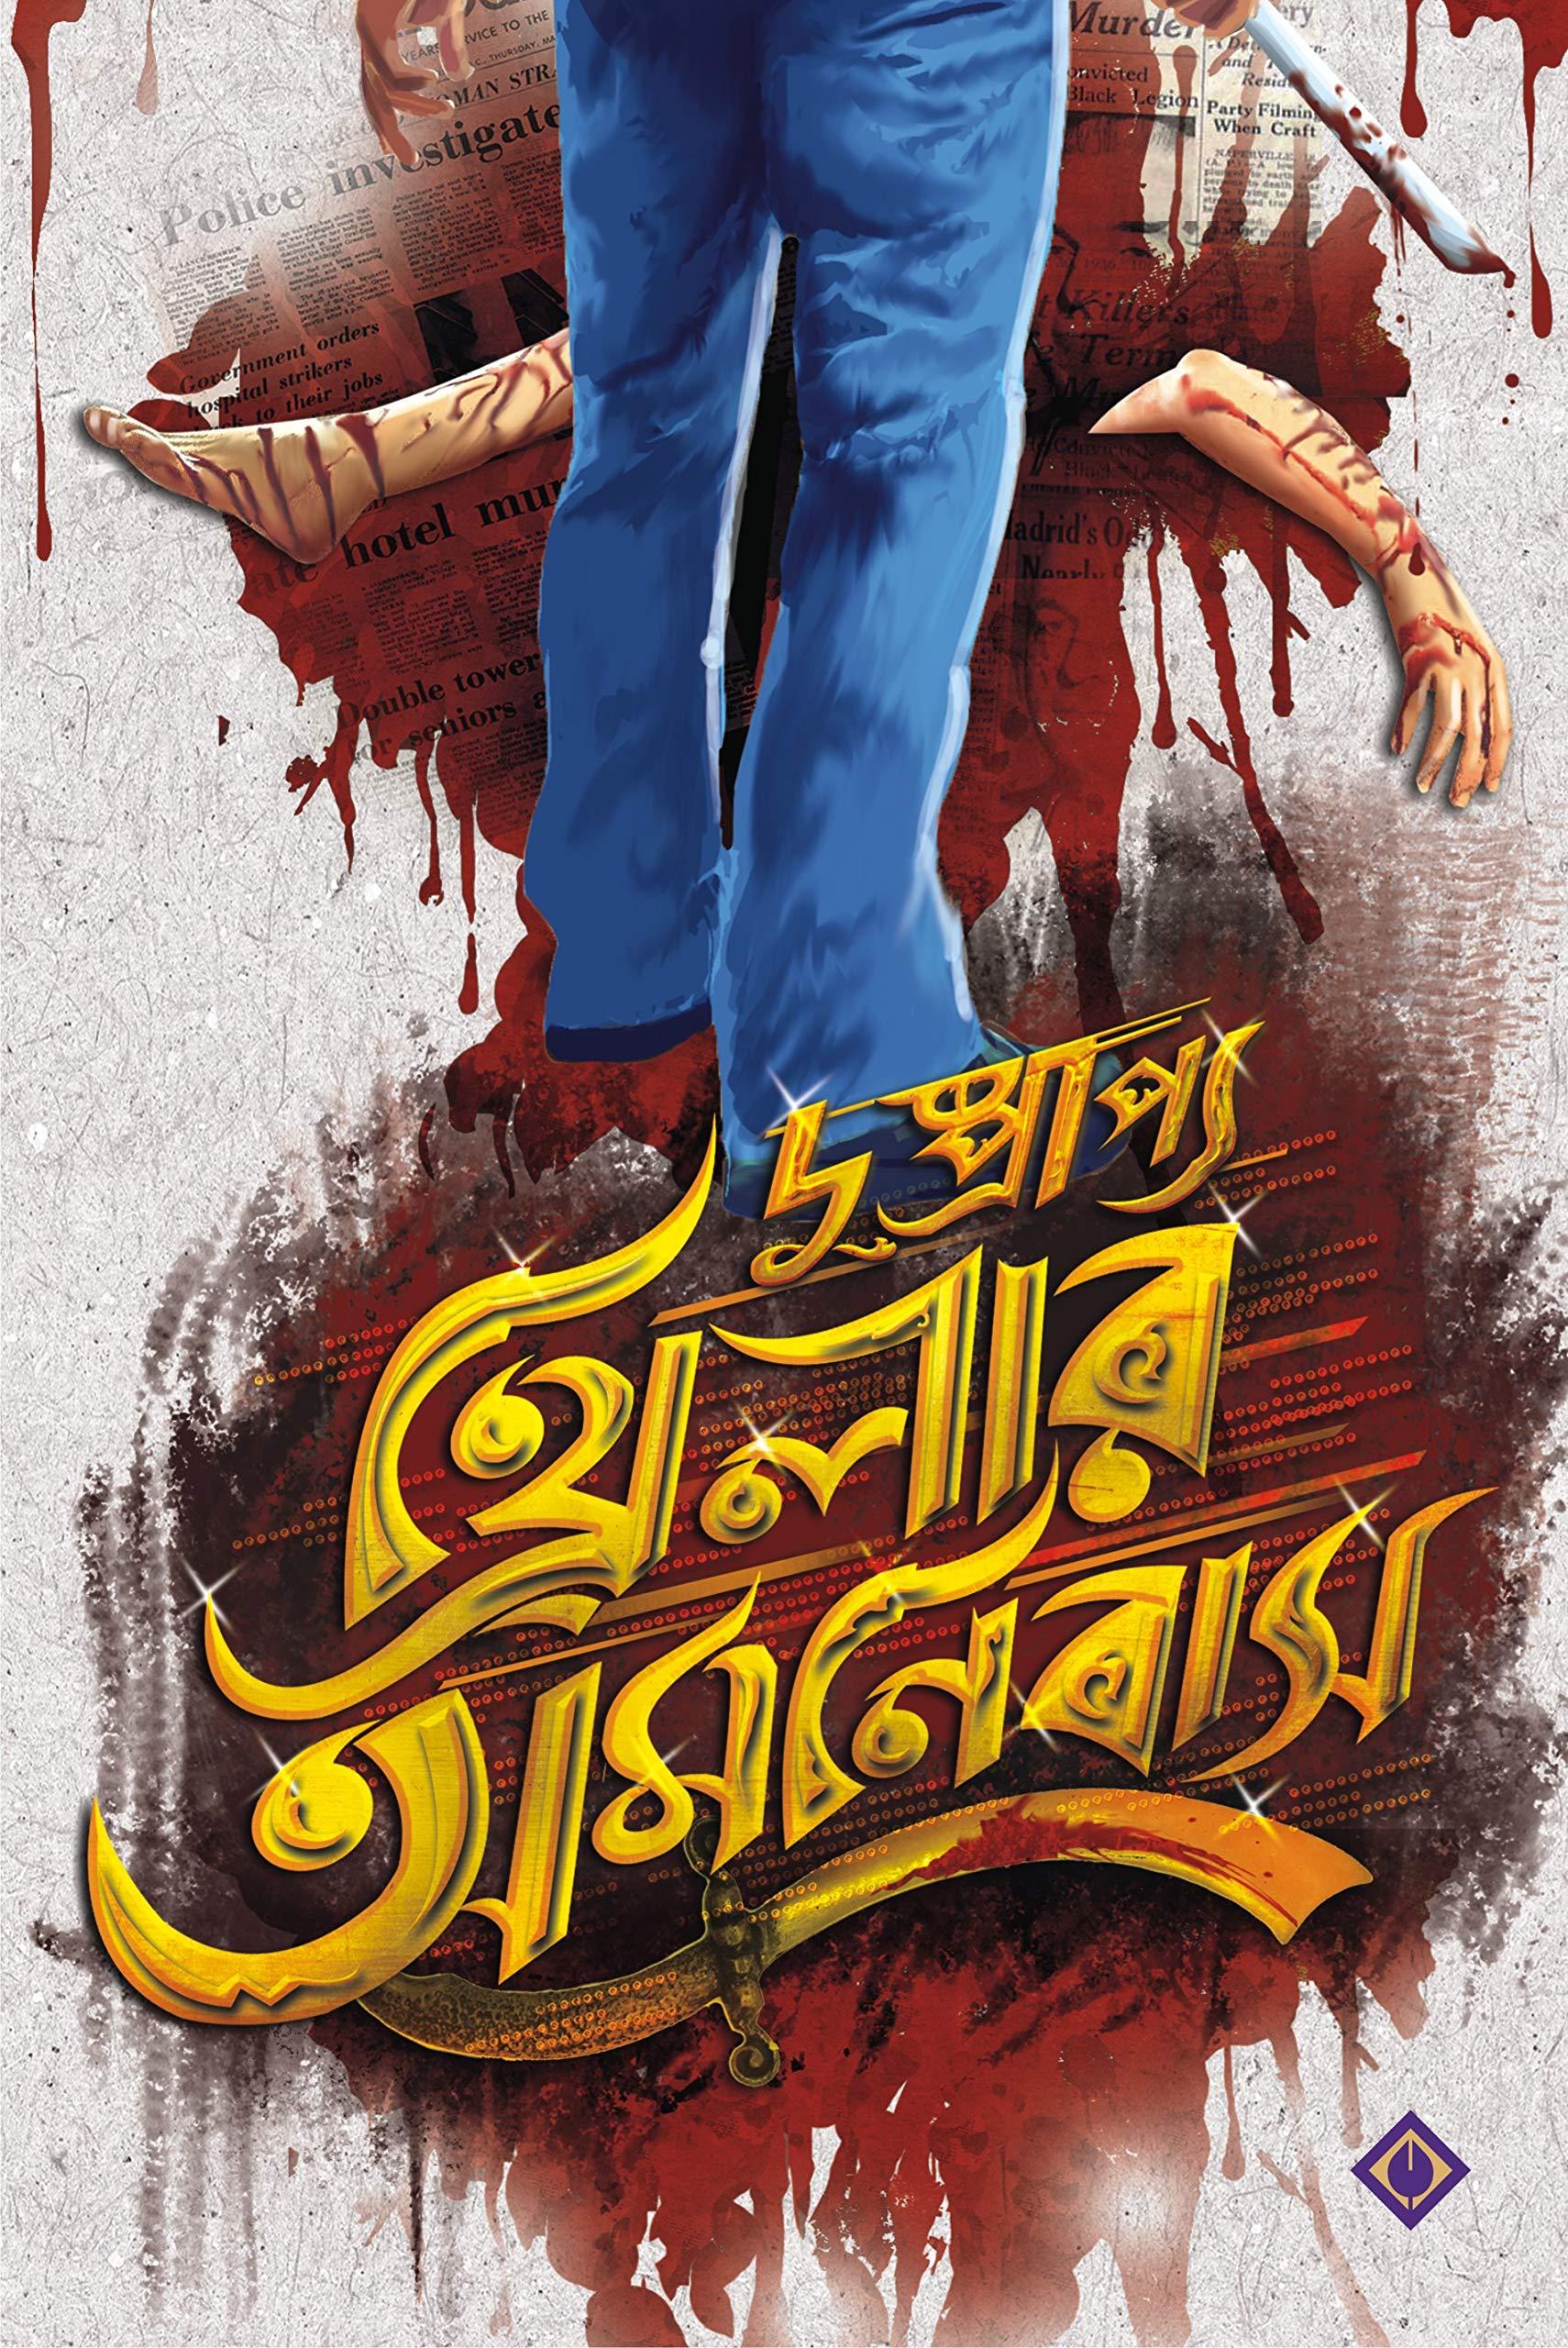 DUSHPRAPYO THRILLER OMNIBUS | Bengali Rare Thriller & Suspense Novels | Bangla Rahasya Samagra | Bengali Book